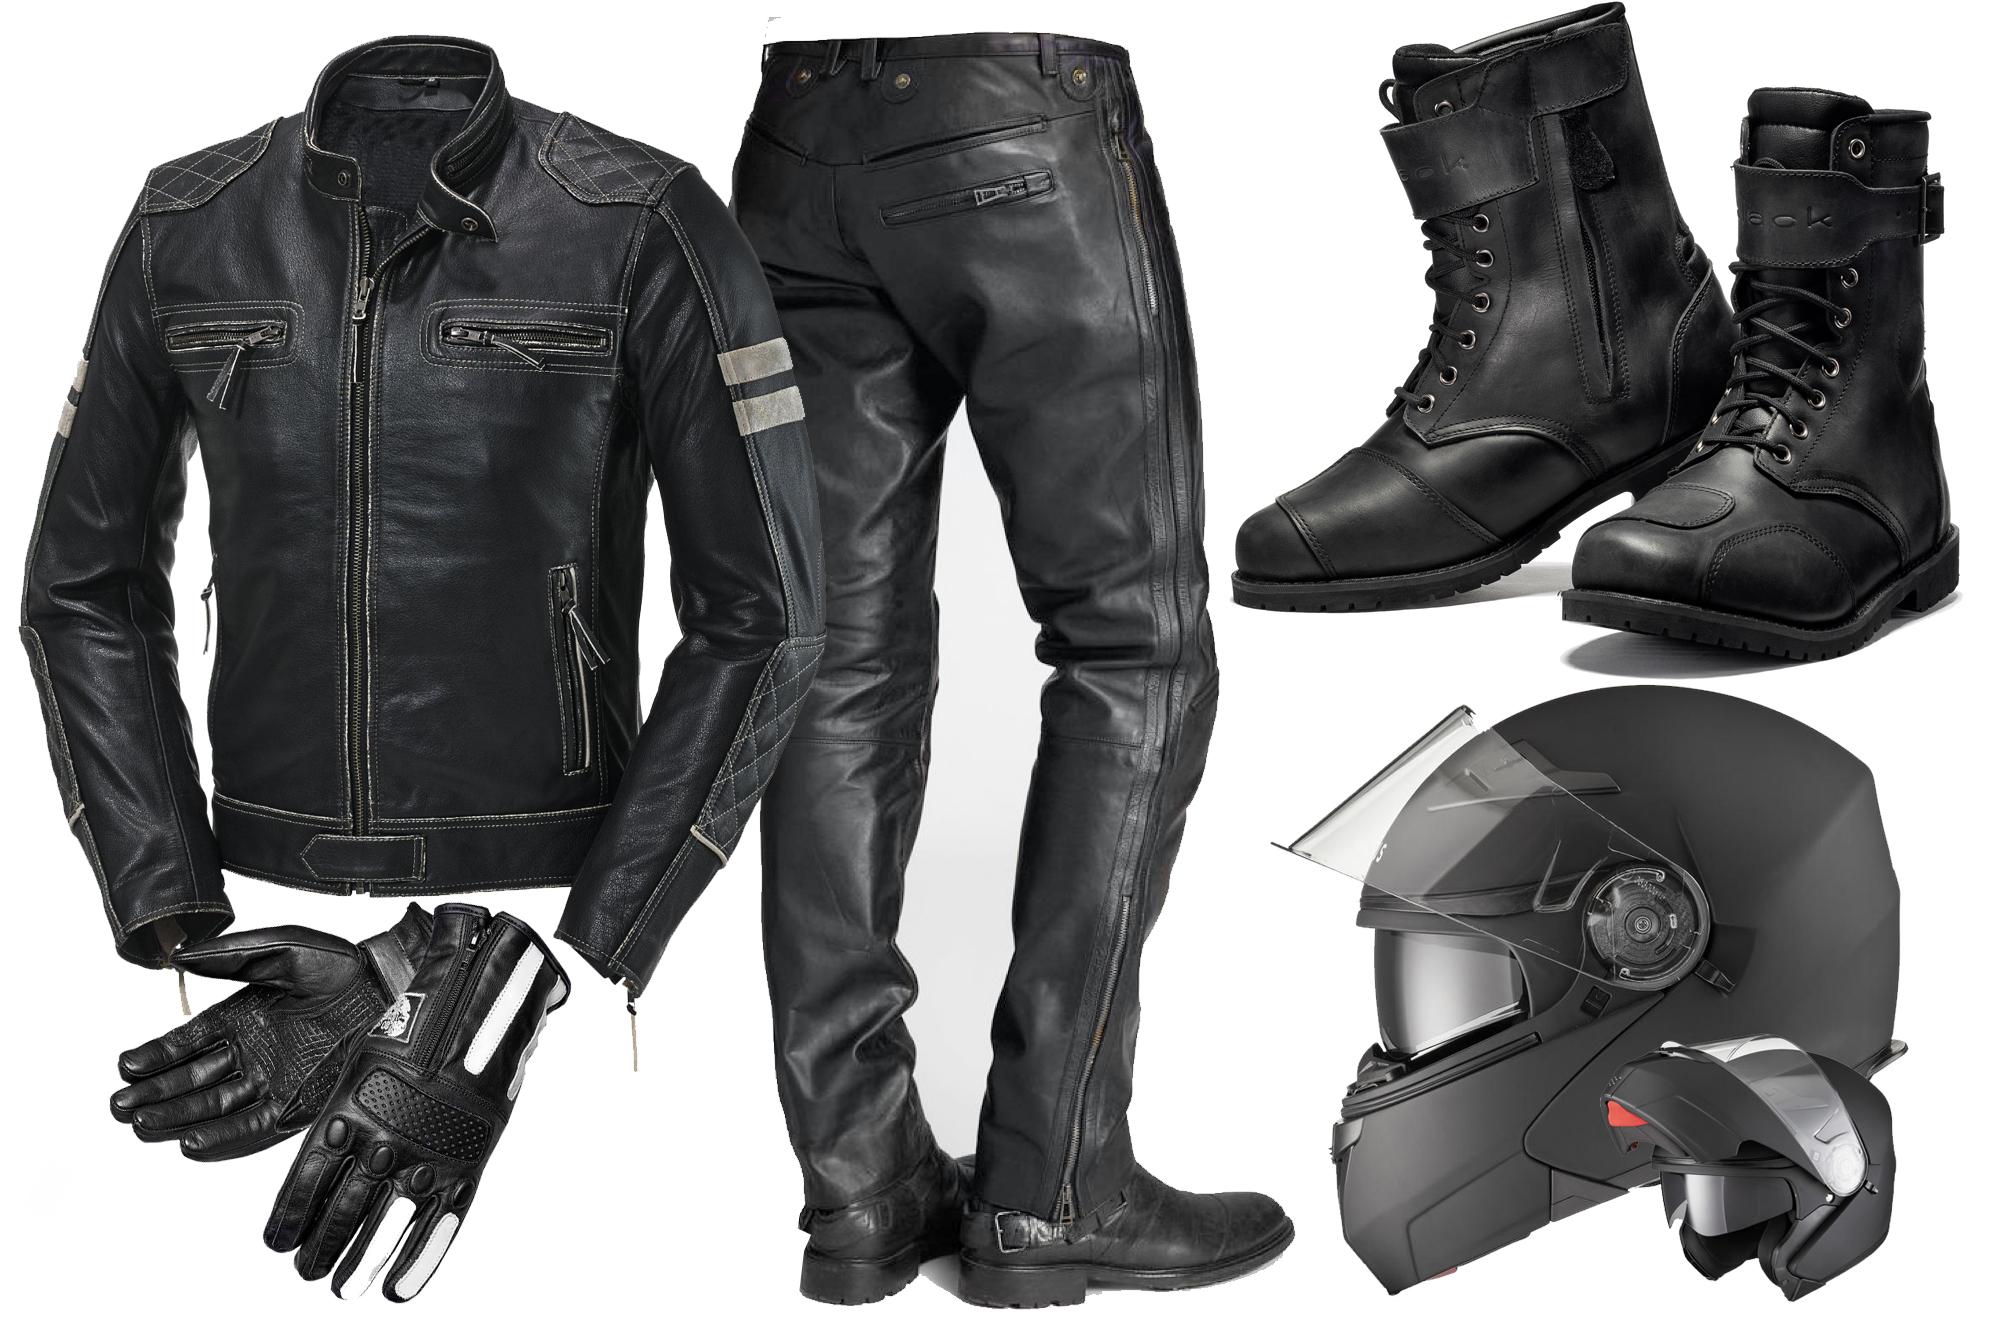 Välkända MC kläder | Billigast i Europa Prisgaranti på hela sortimentet DV-95